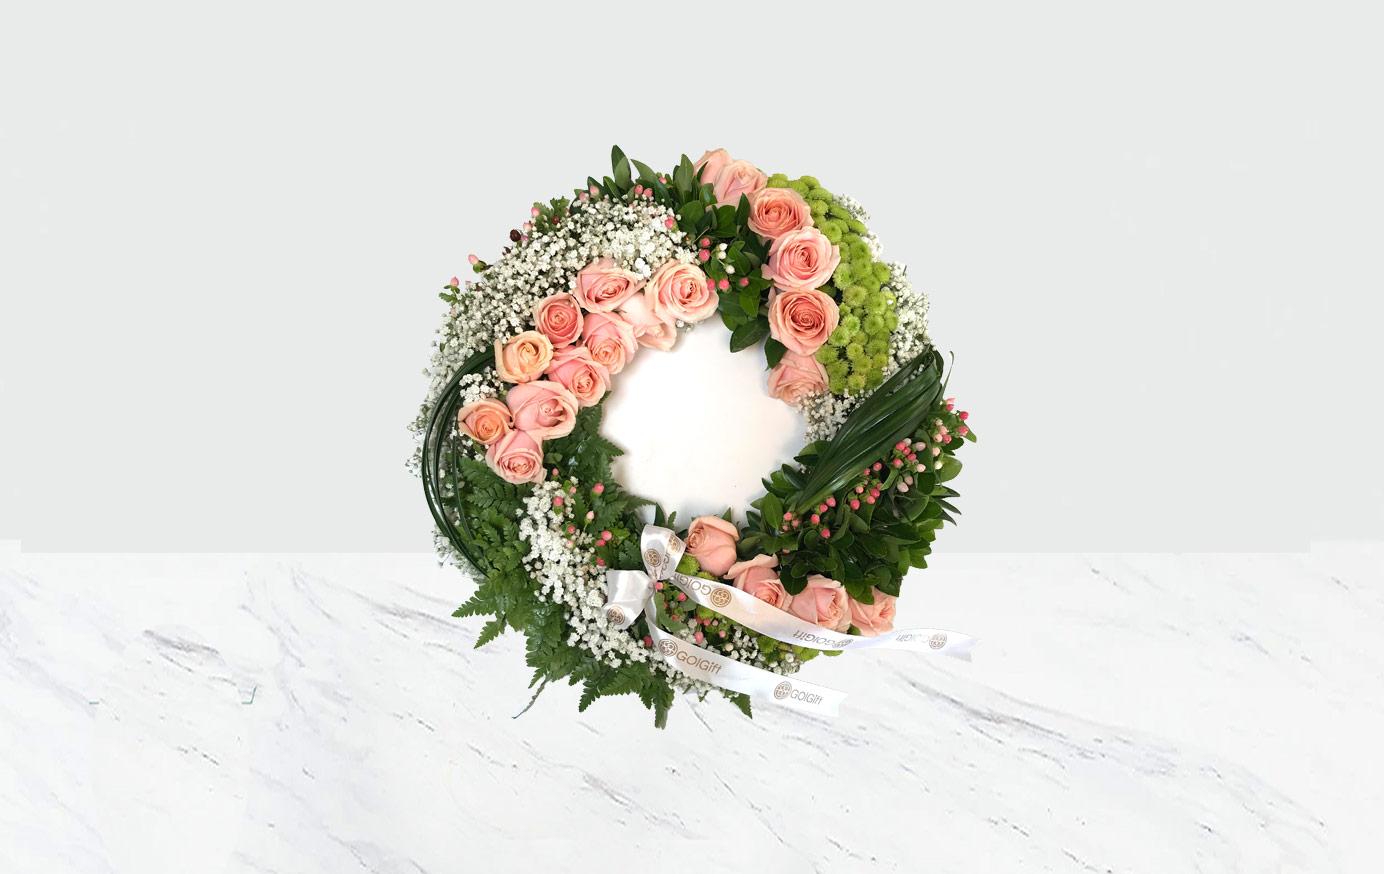 رینگ گل رز گلبهی